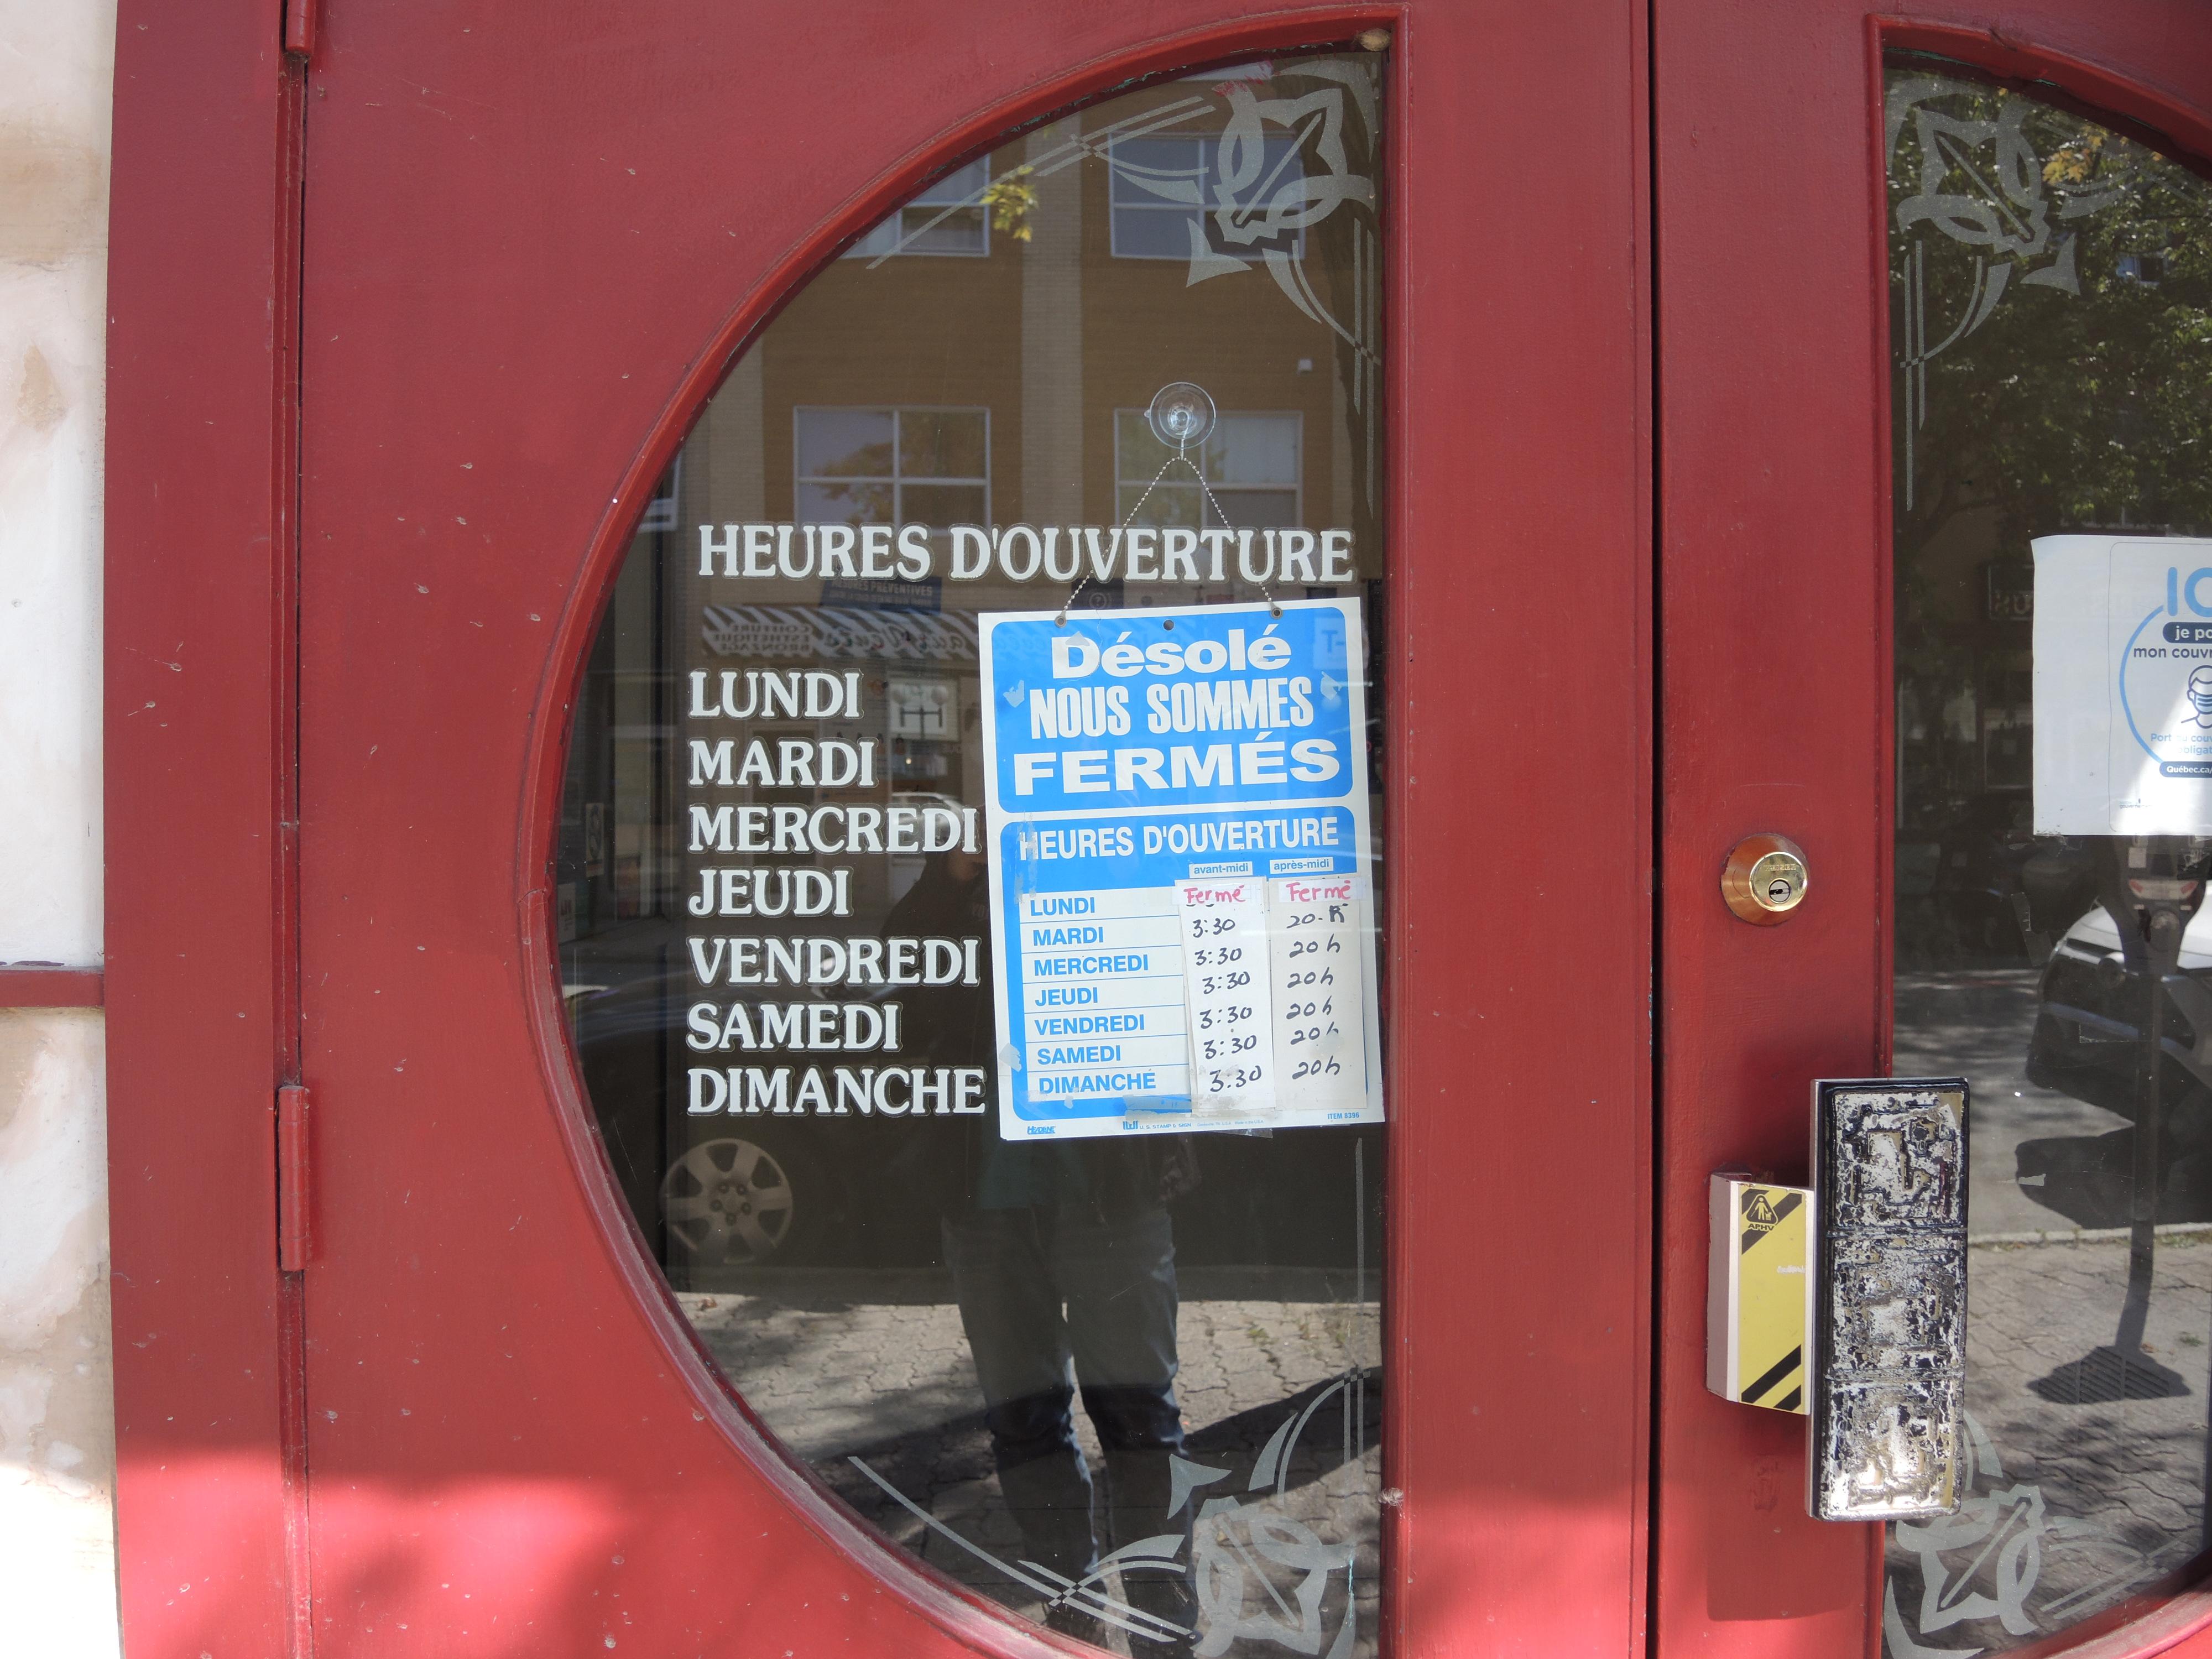 Restaurant Hao Van Heures réduites Rouyn-Noranda